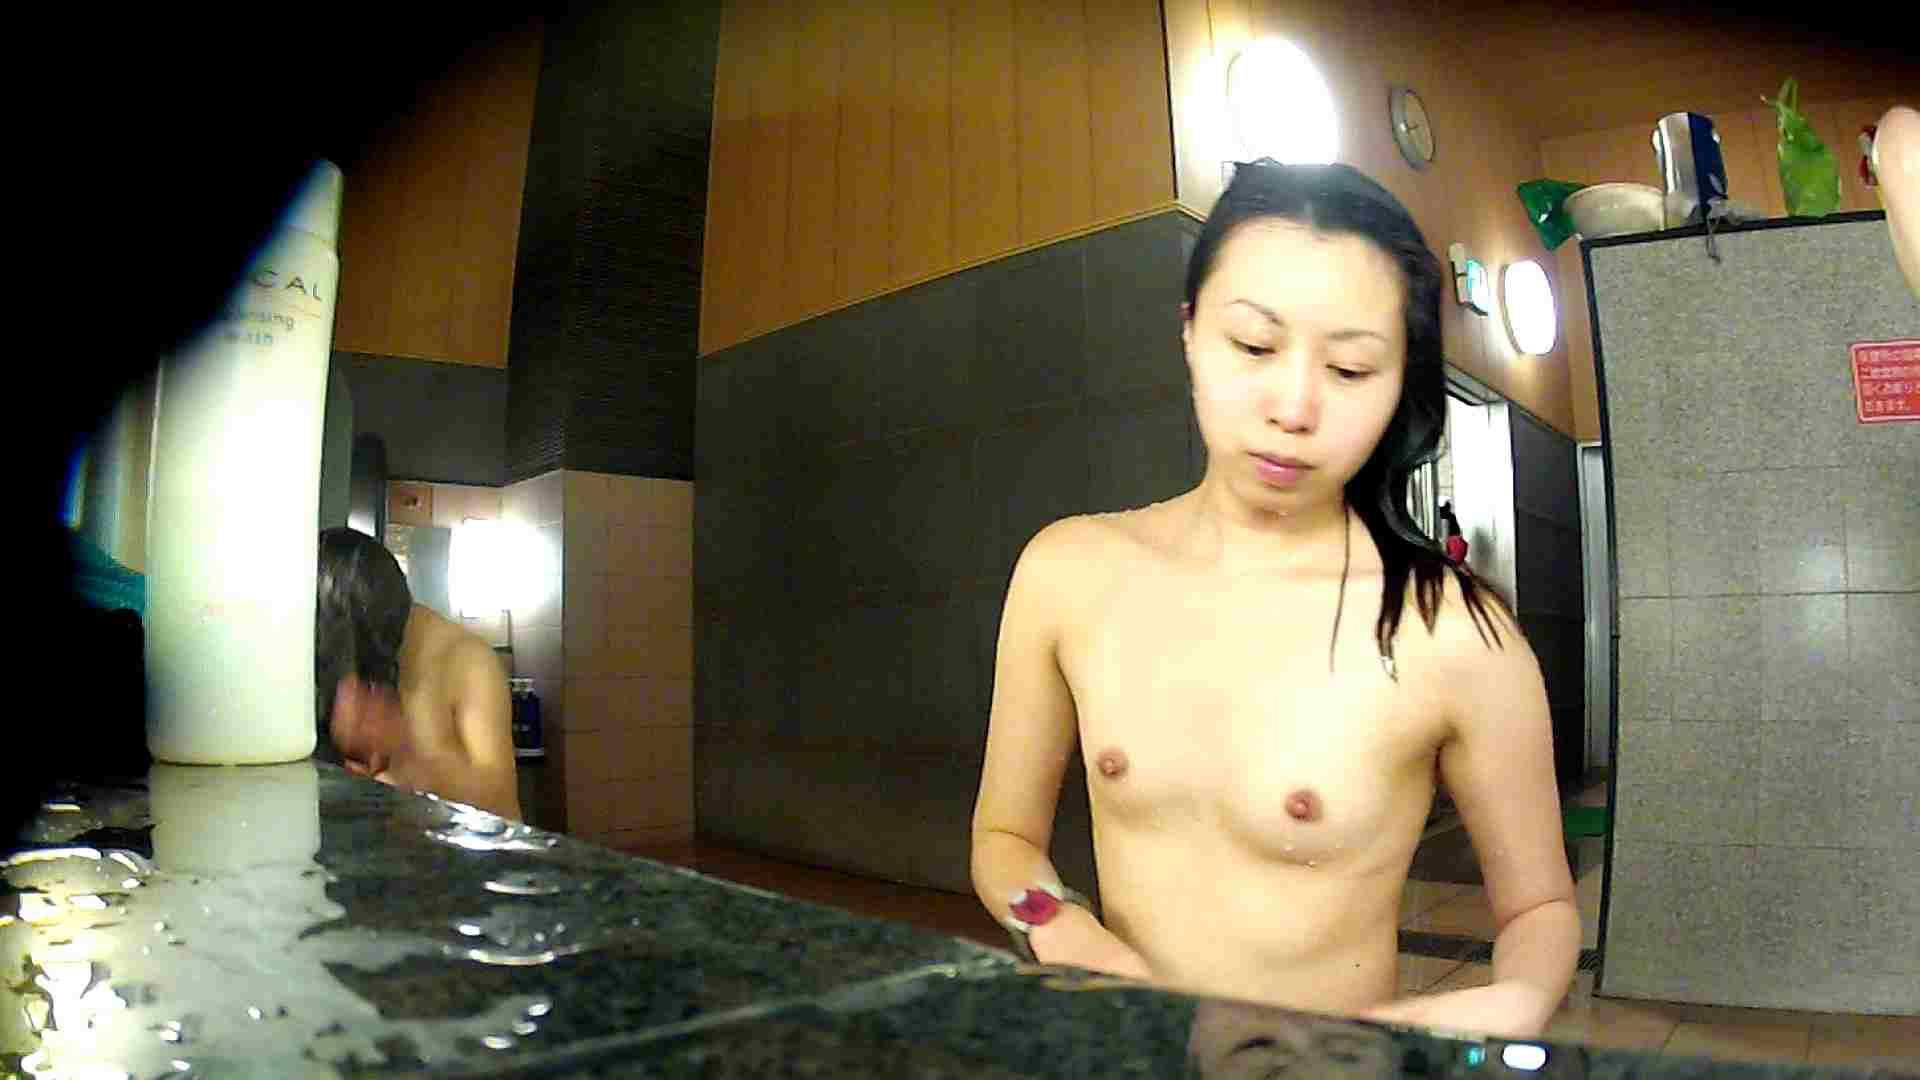 洗い場!前半のモヤを吹き飛ばす美貧乳お嬢さん 細身女性 スケベ動画紹介 104画像 95